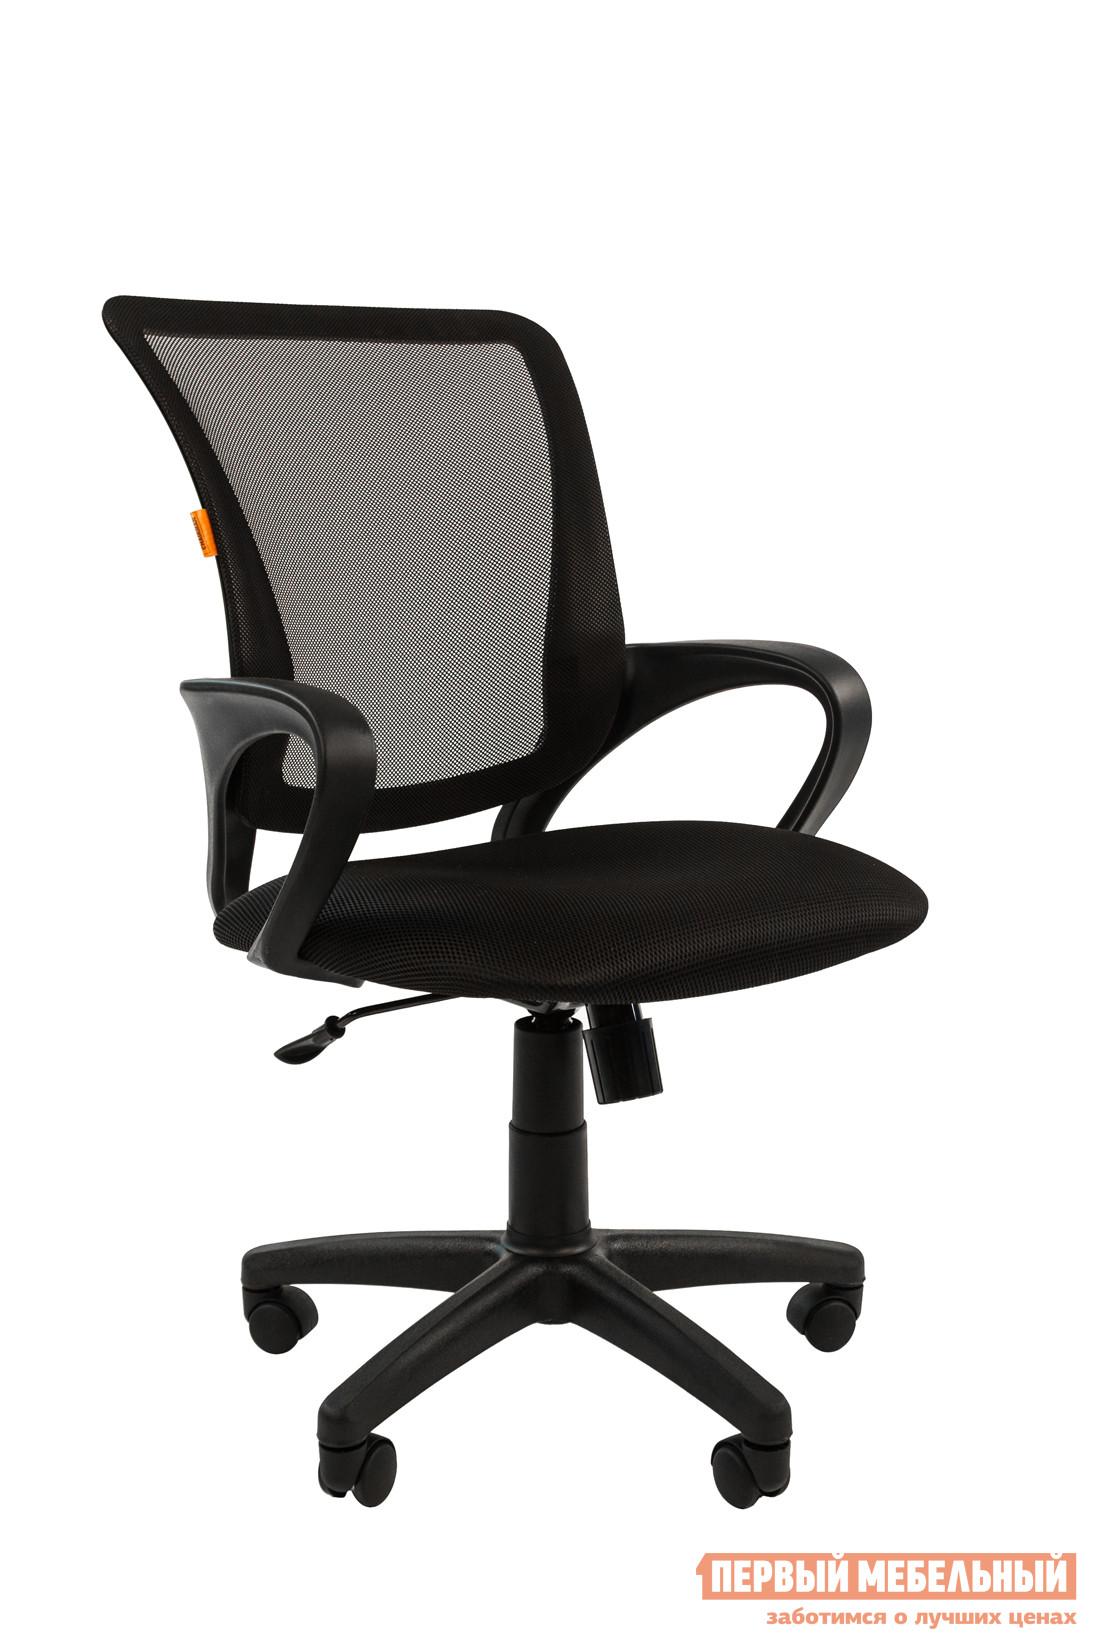 лучшая цена Офисное кресло Тайпит Chairman 969